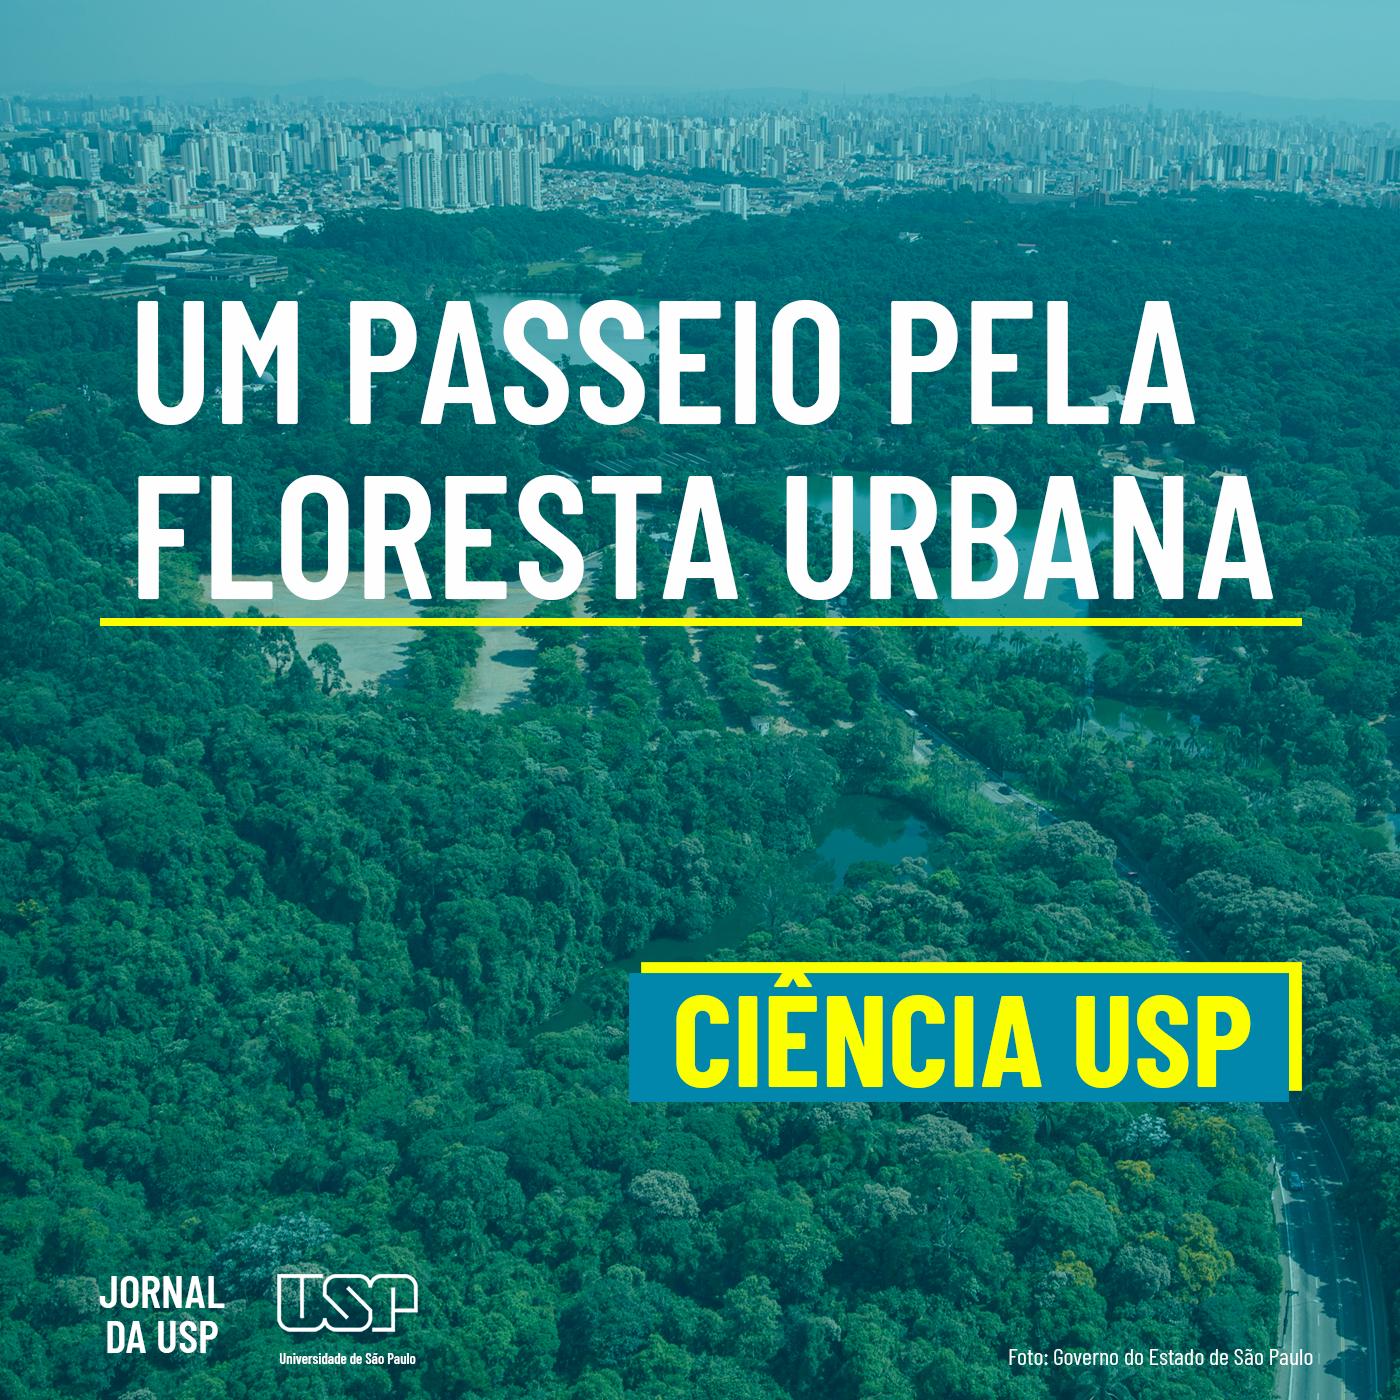 Capa de Ciência USP #34: Um passeio pela floresta urbana